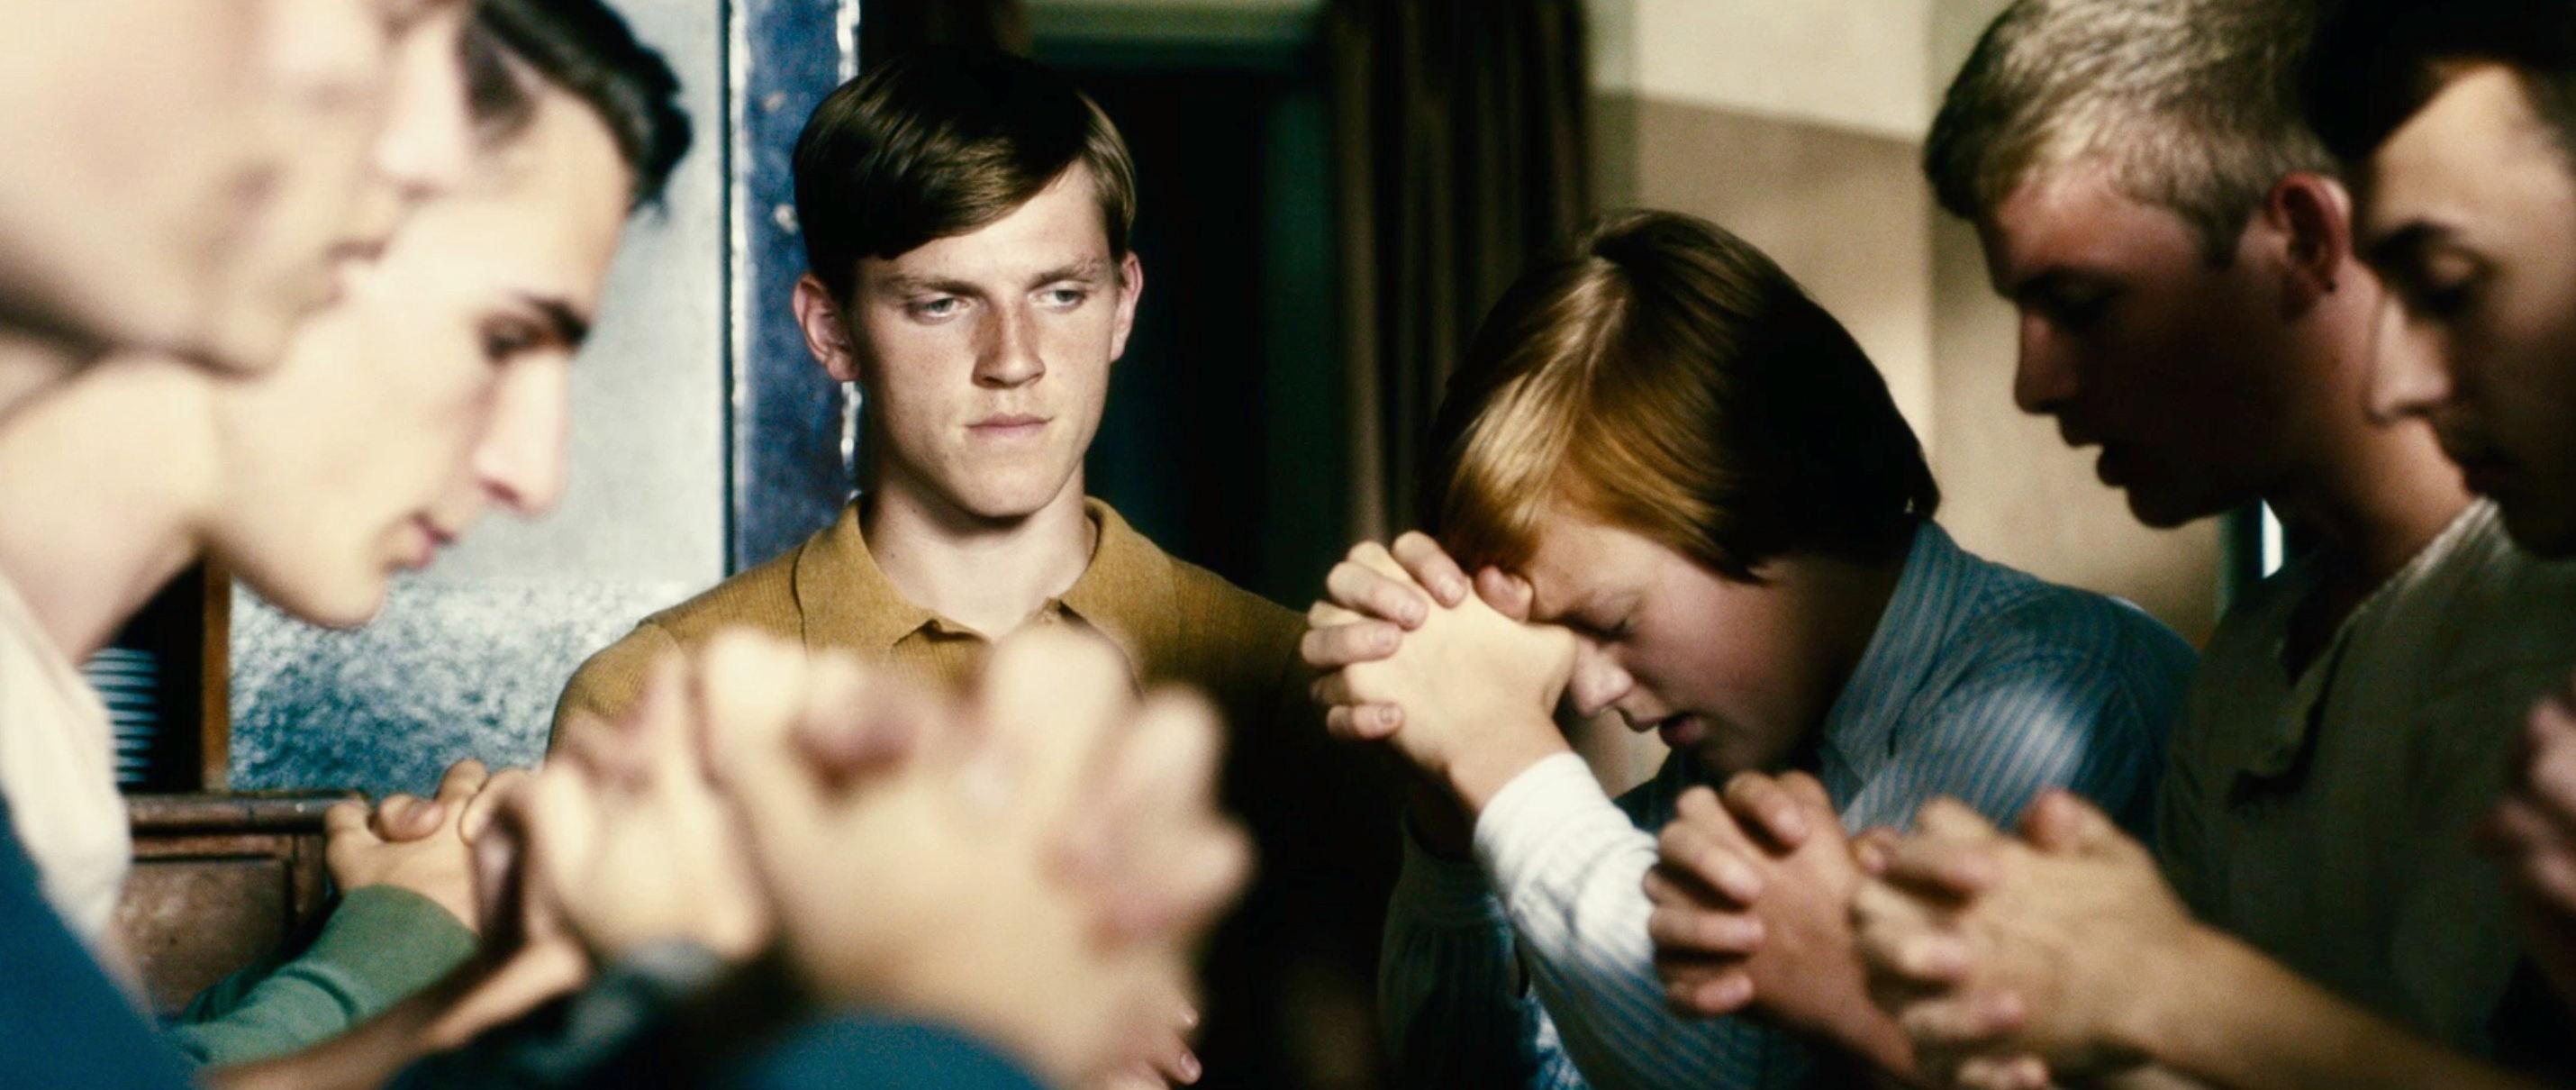 Freistatt - Freistatt - die Jungen stehen im Kreis und beten - Regie Marc Brummund - Kamera Judith Kaufmann